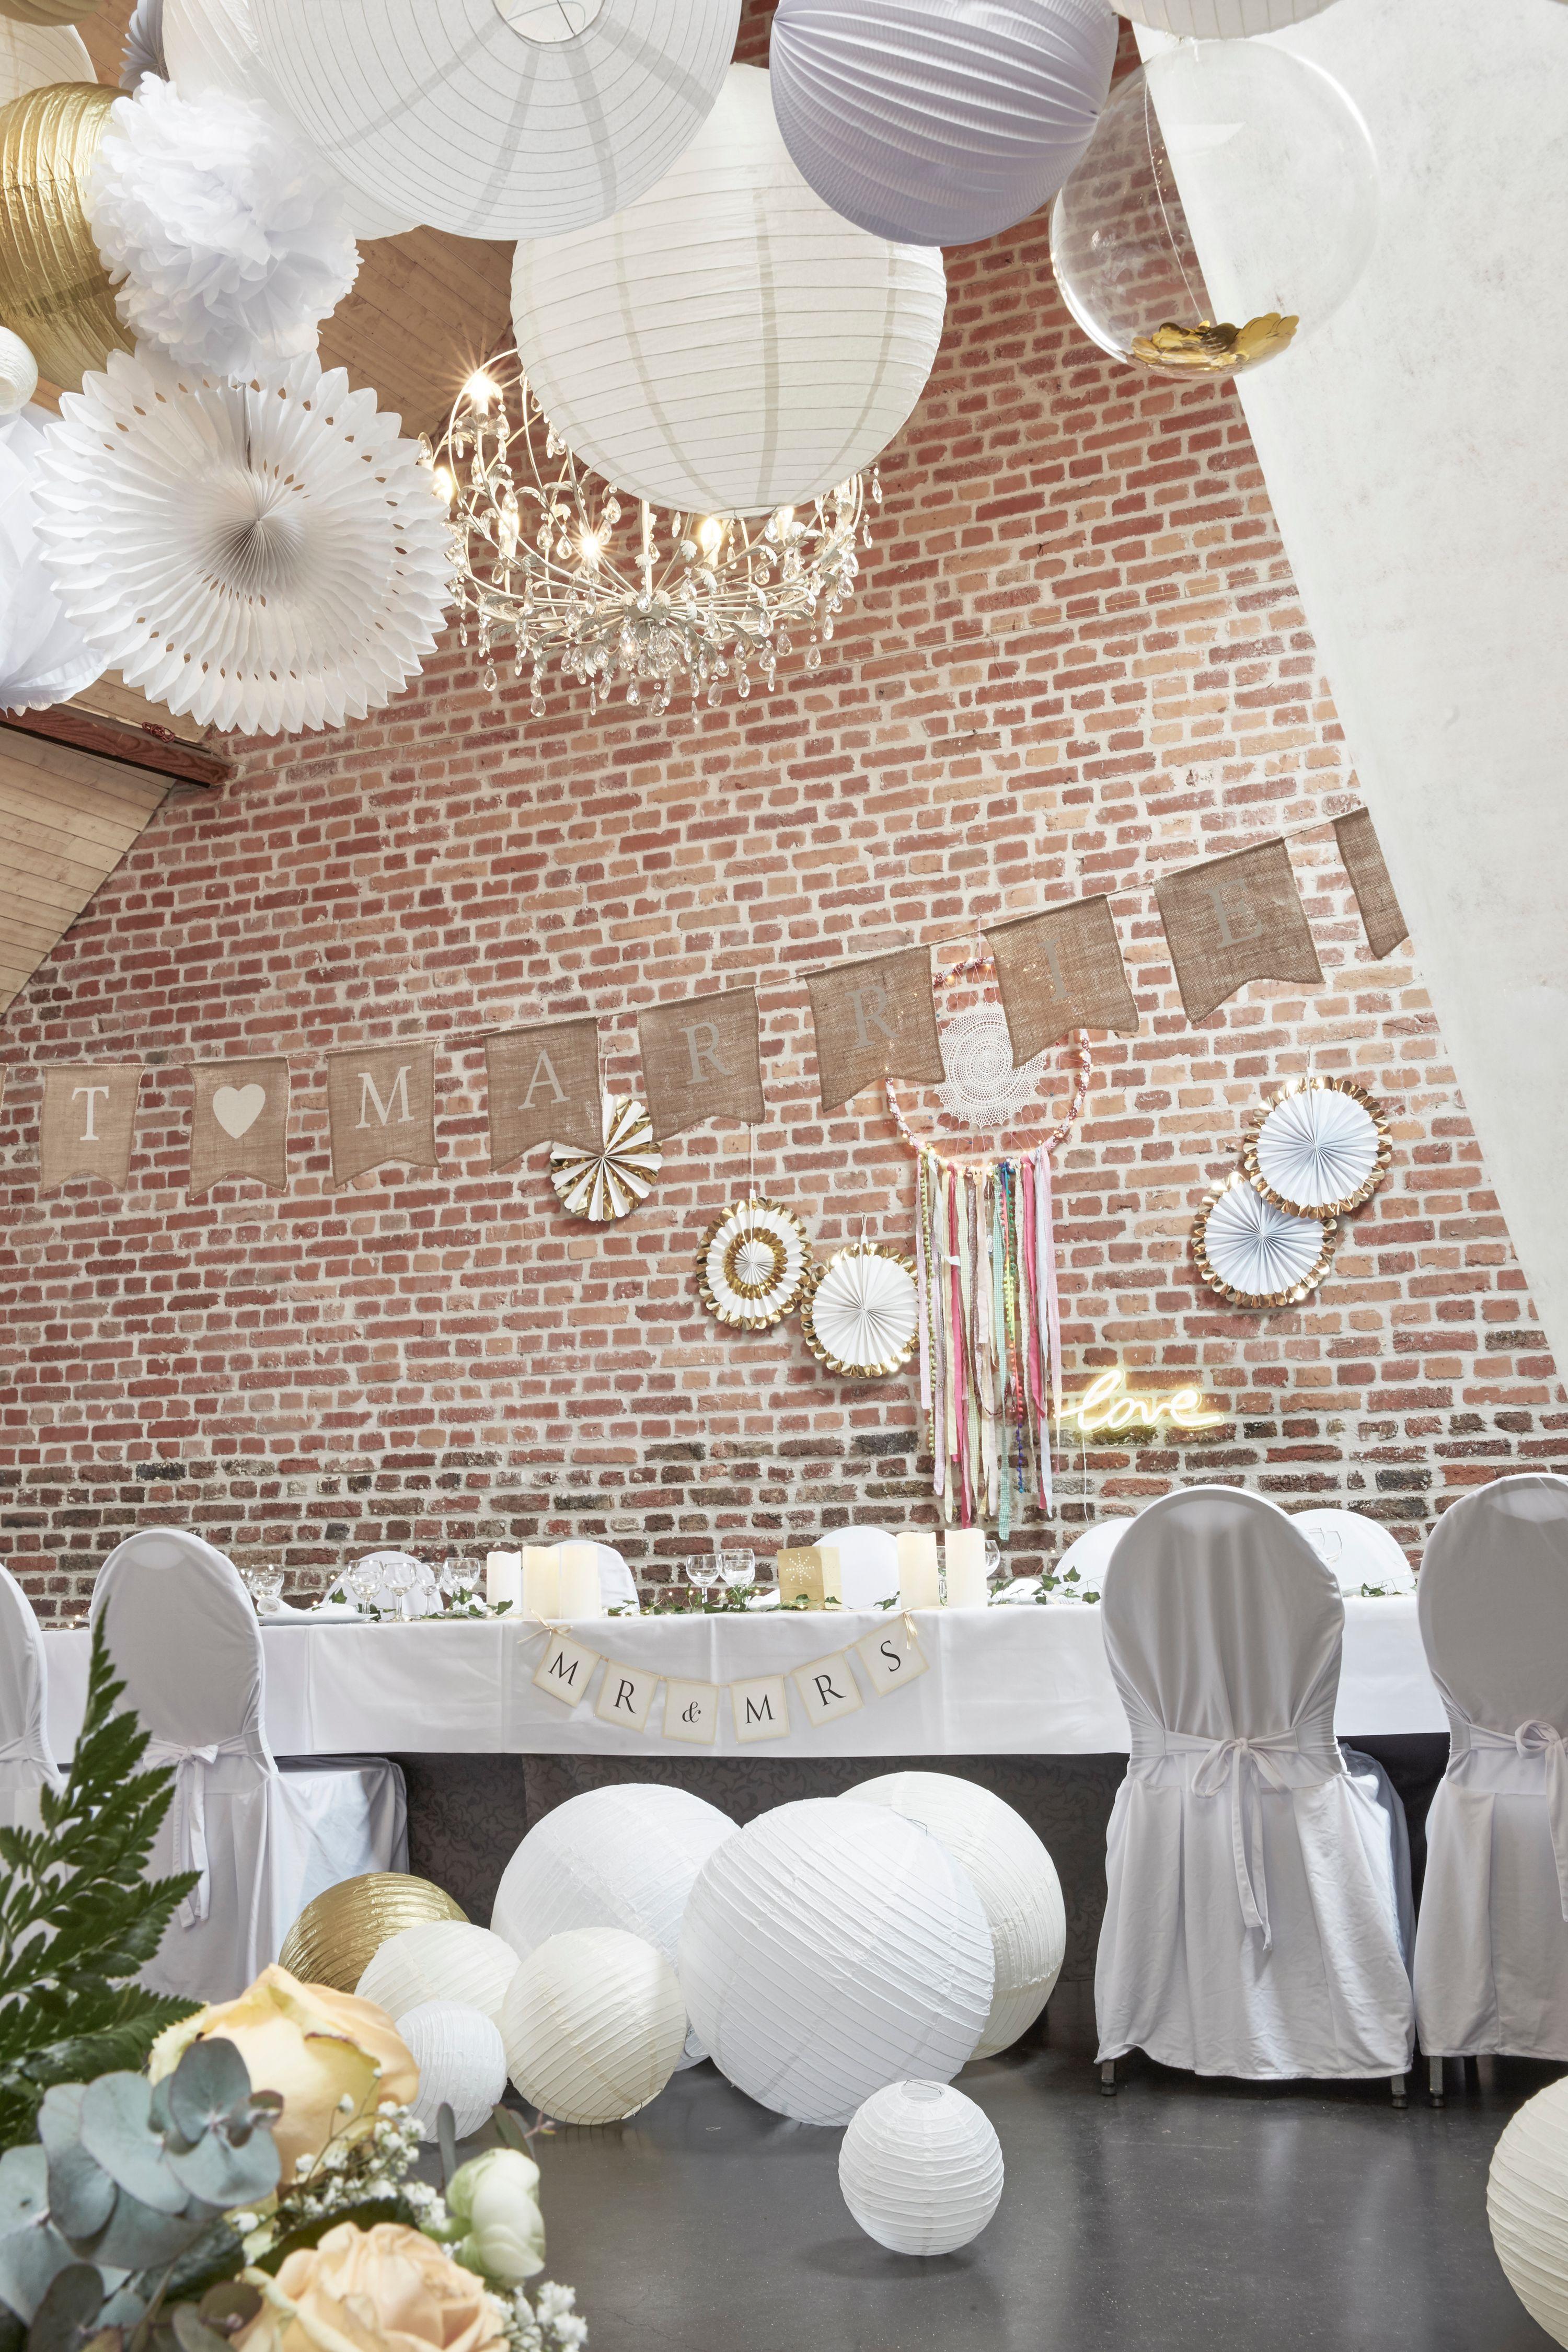 d co mariage champ tre avec guirlande fanion jute just married lampions lanternes boules. Black Bedroom Furniture Sets. Home Design Ideas